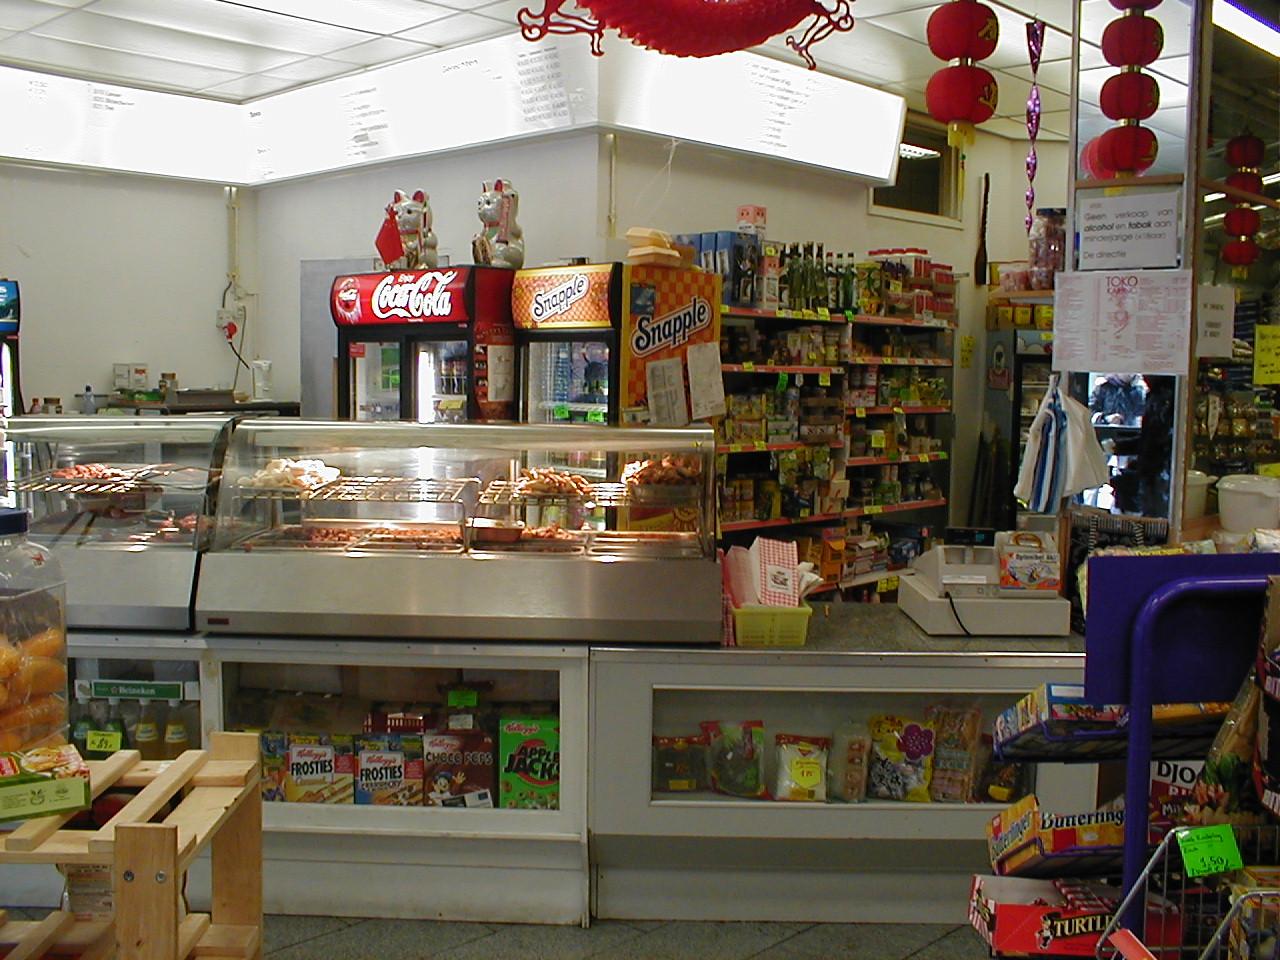 dario shop chinese groceries deli coca cola